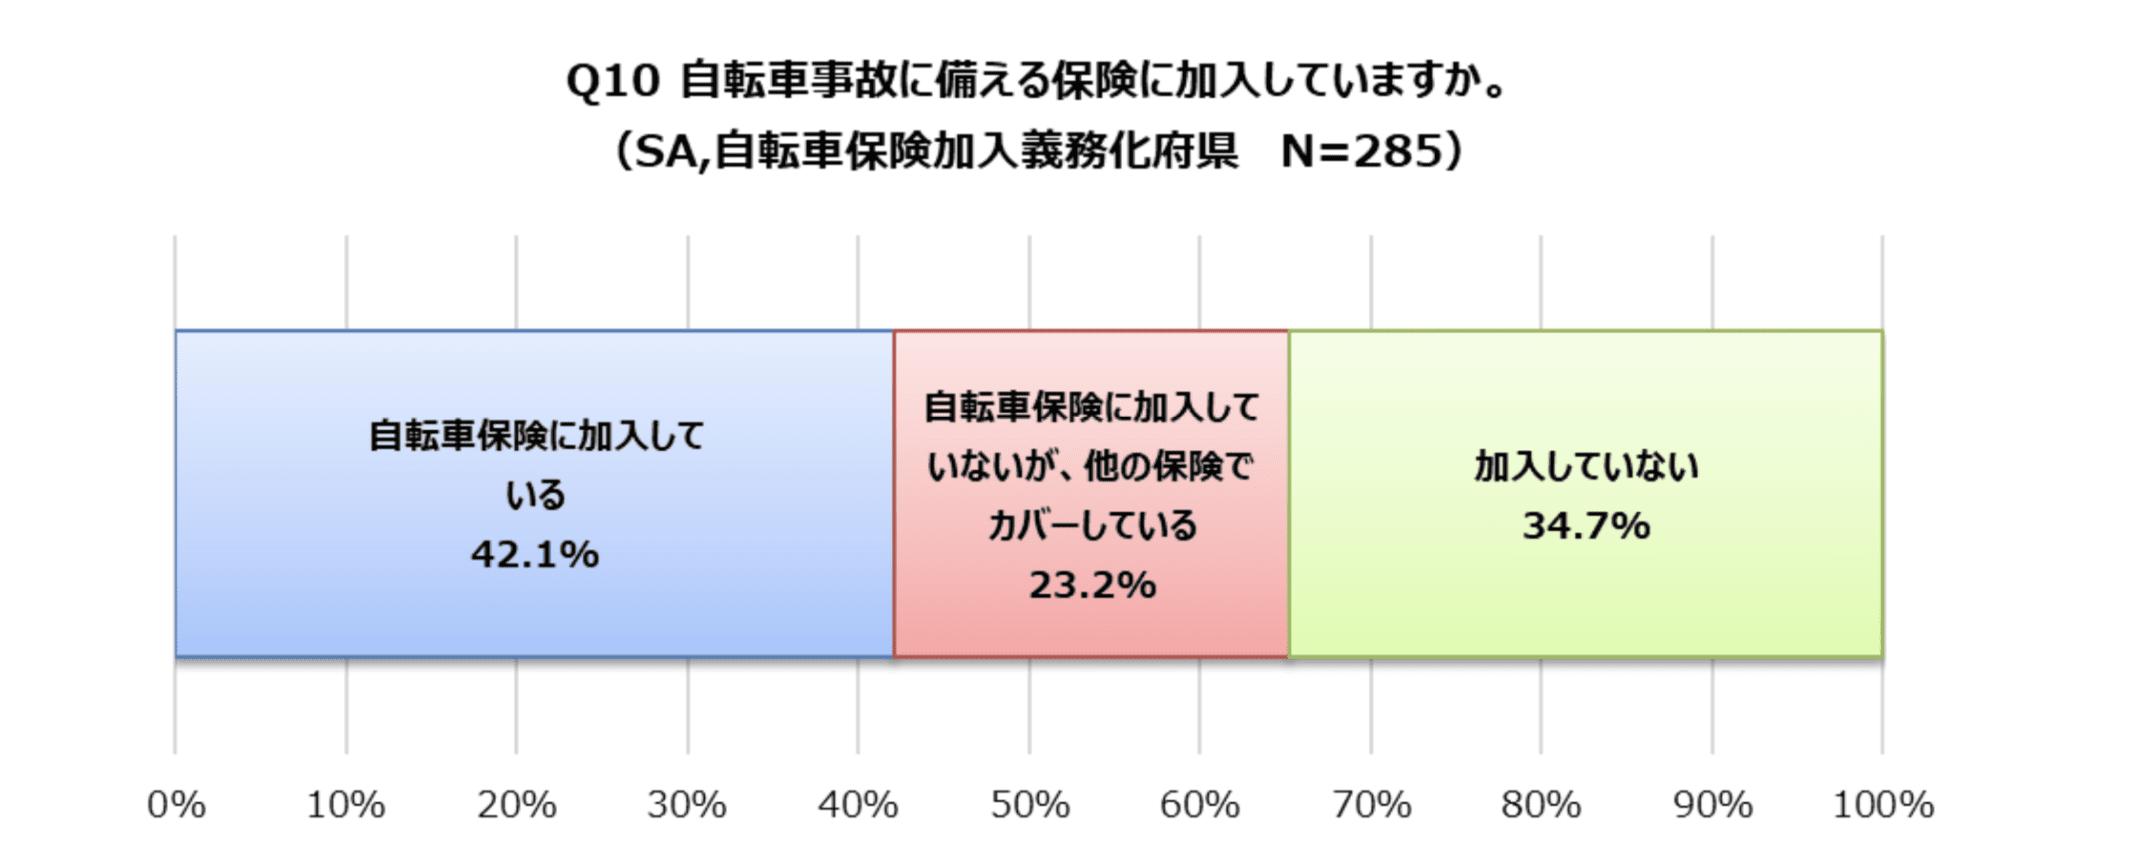 義務化府県の自転車保険加入率